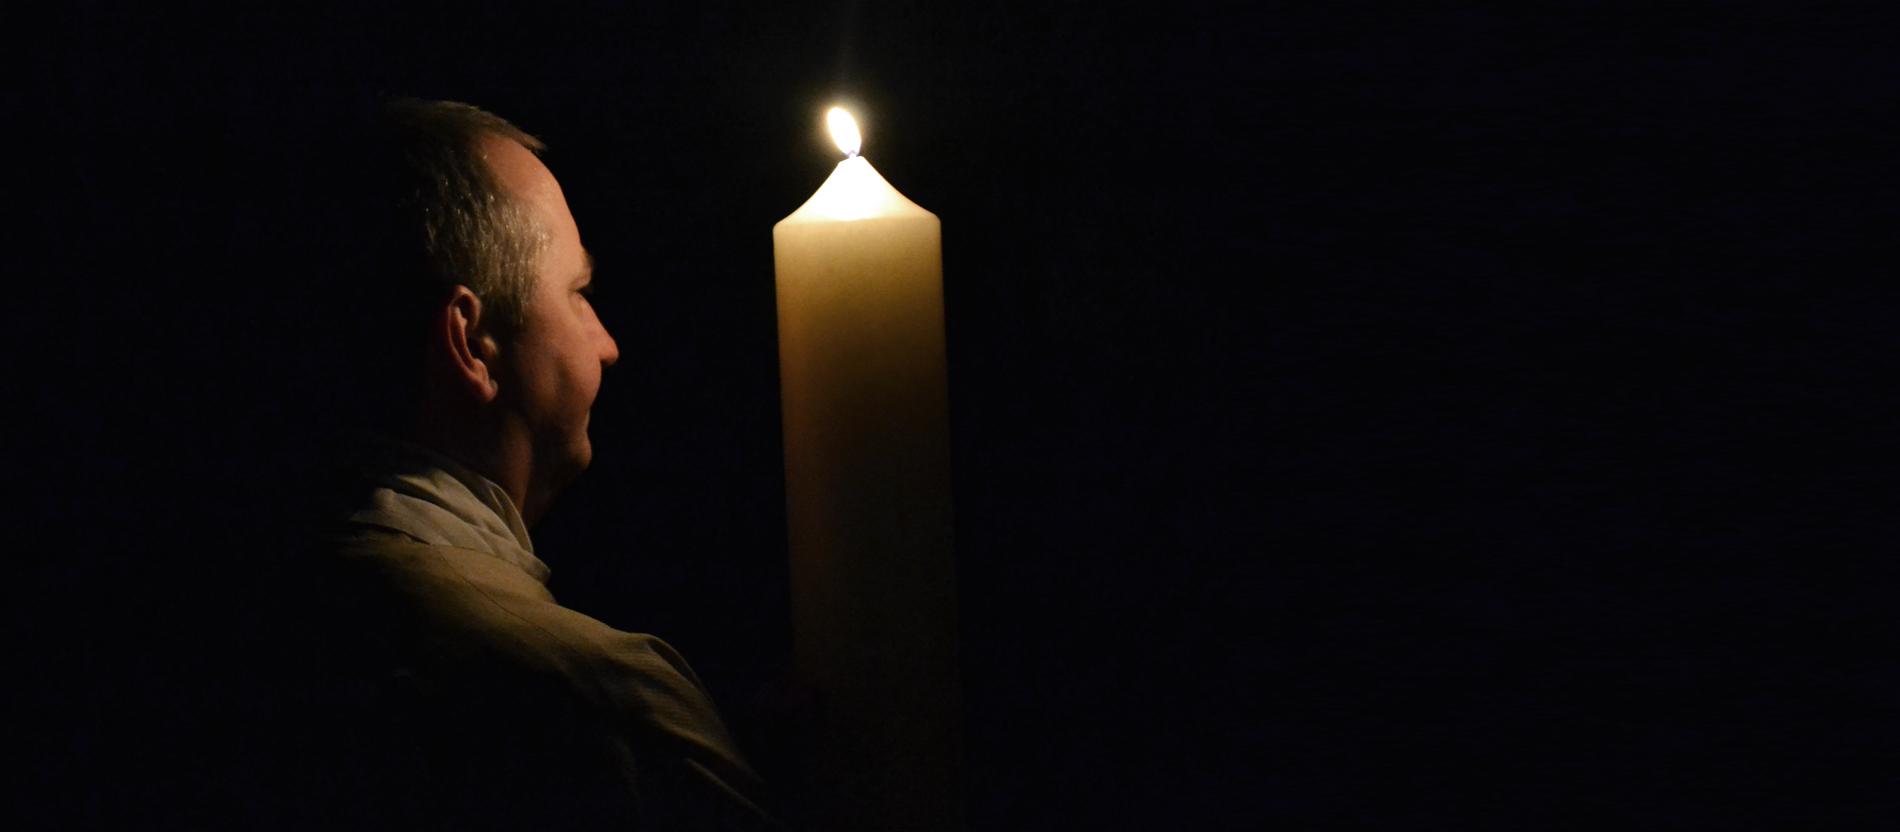 Karwoche Und Ostern Katholischde